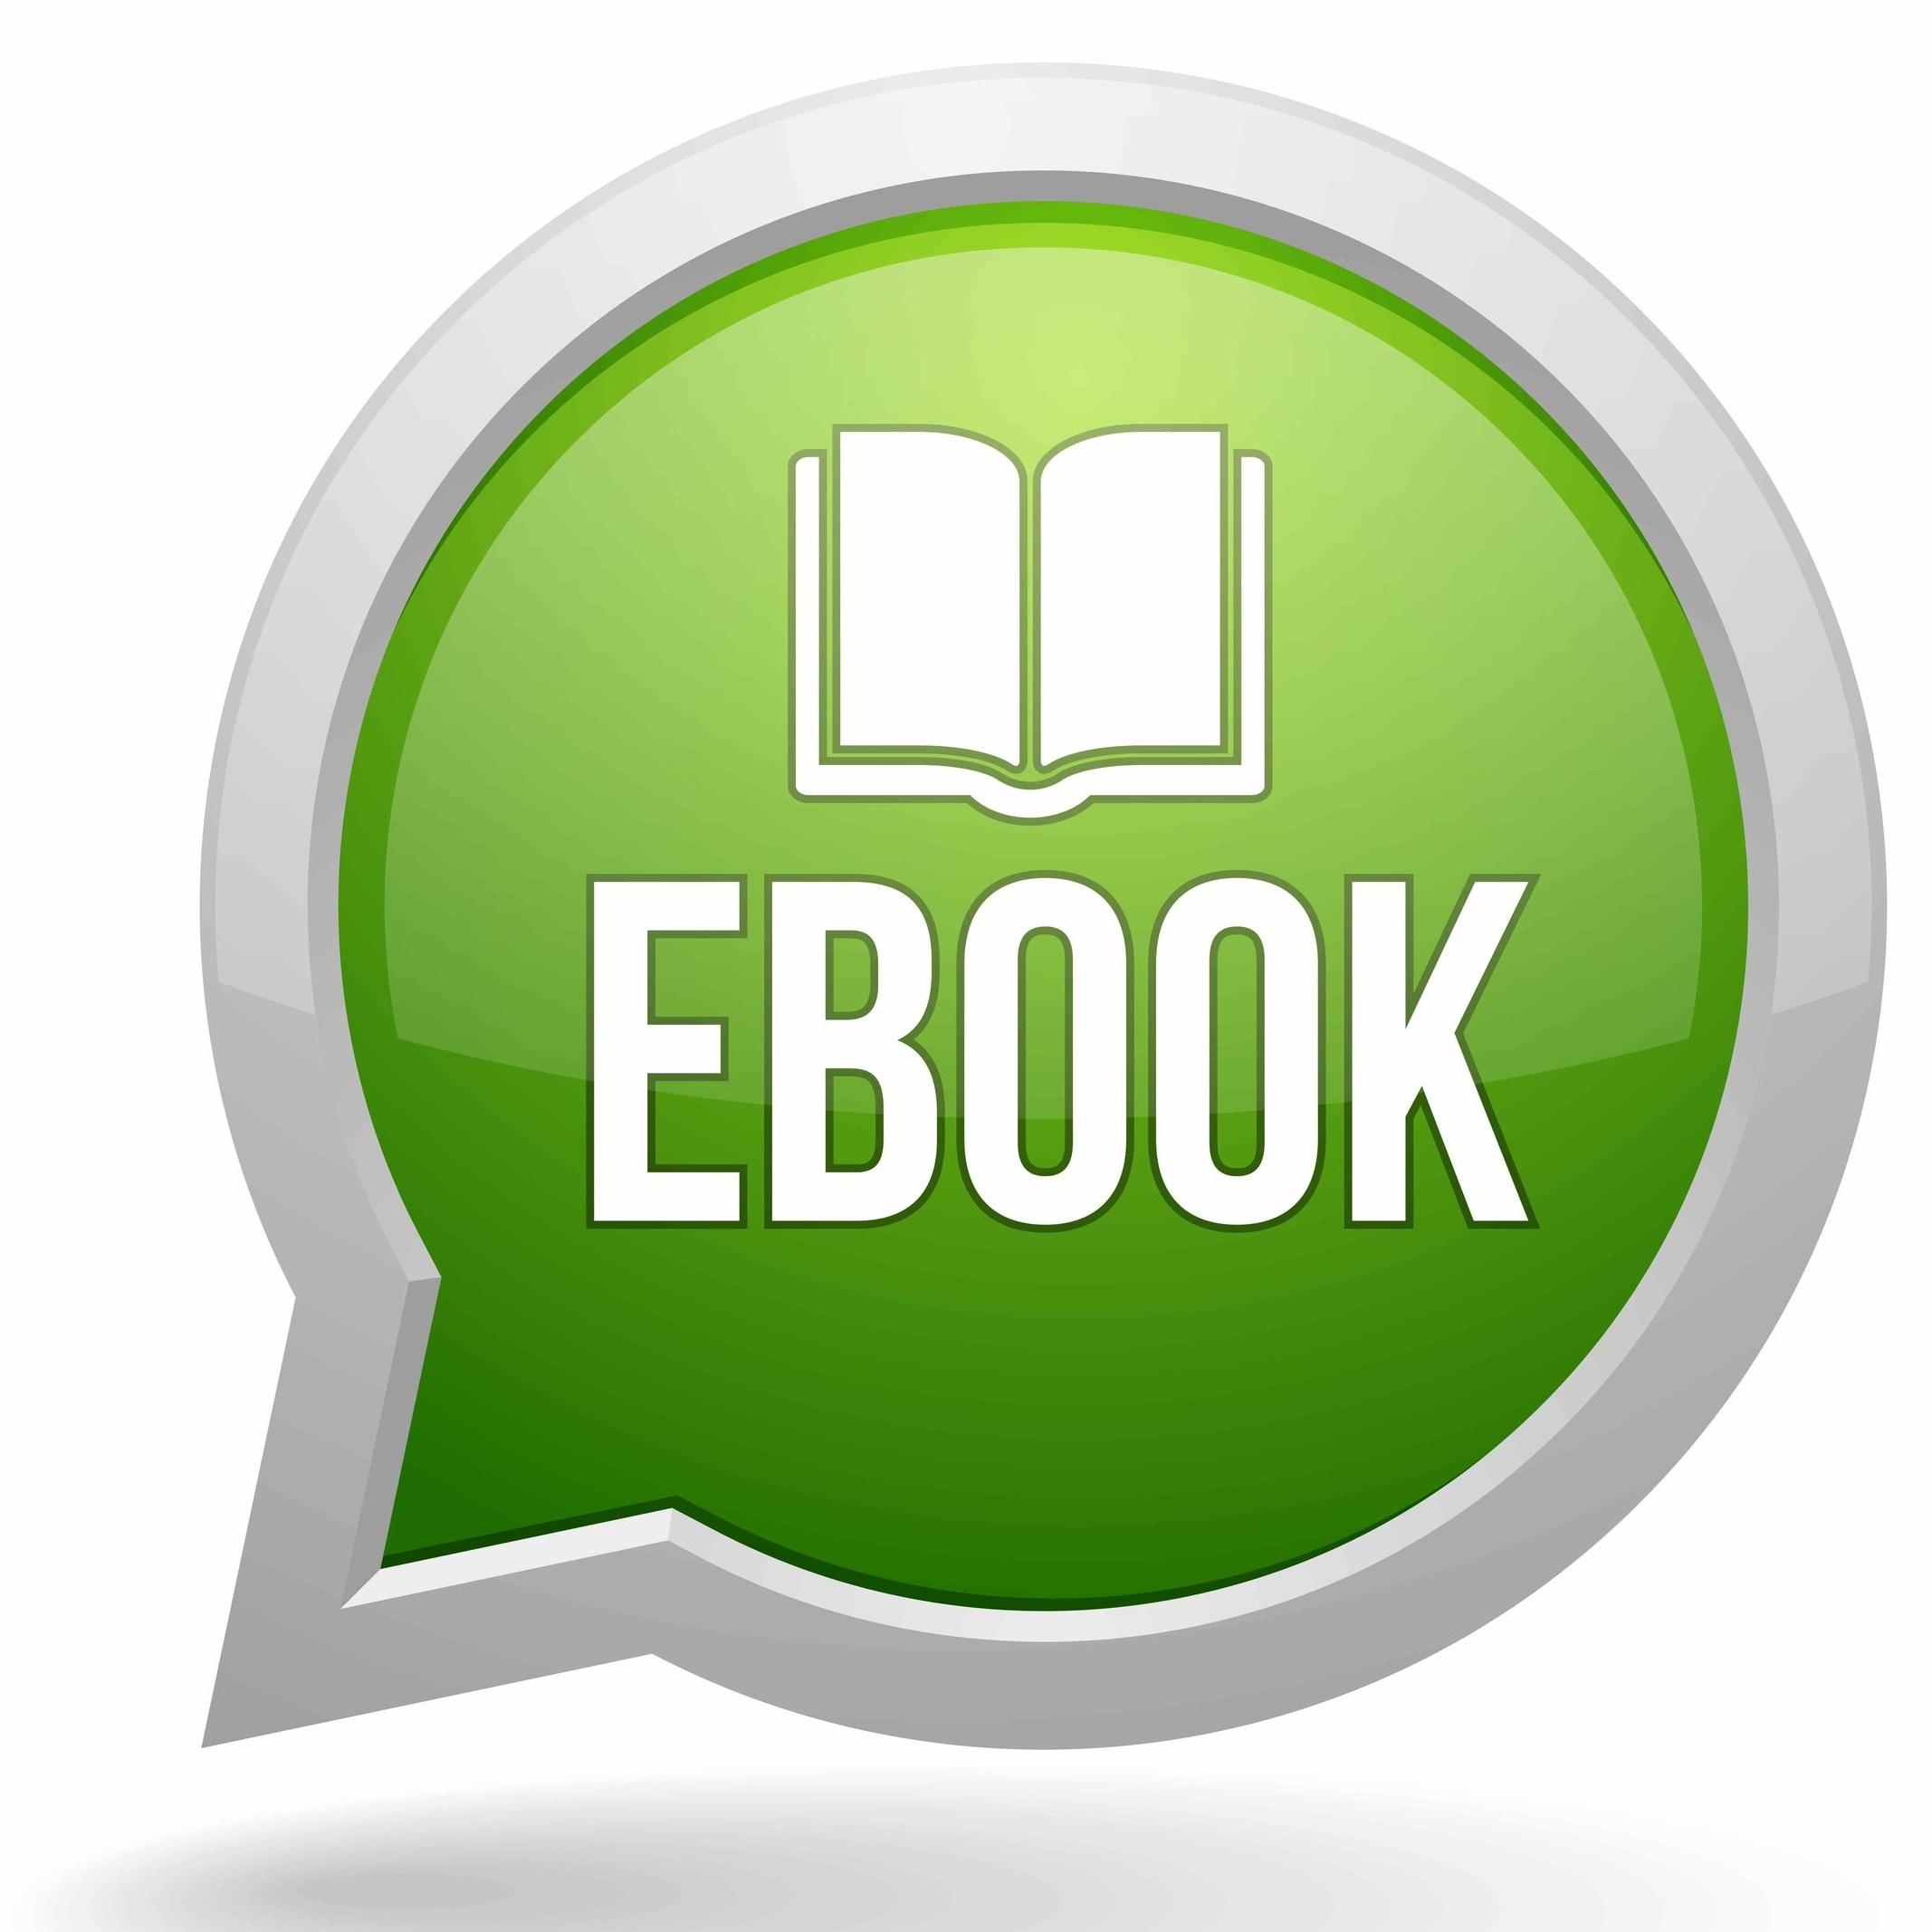 eBook-Marketing3.jpg